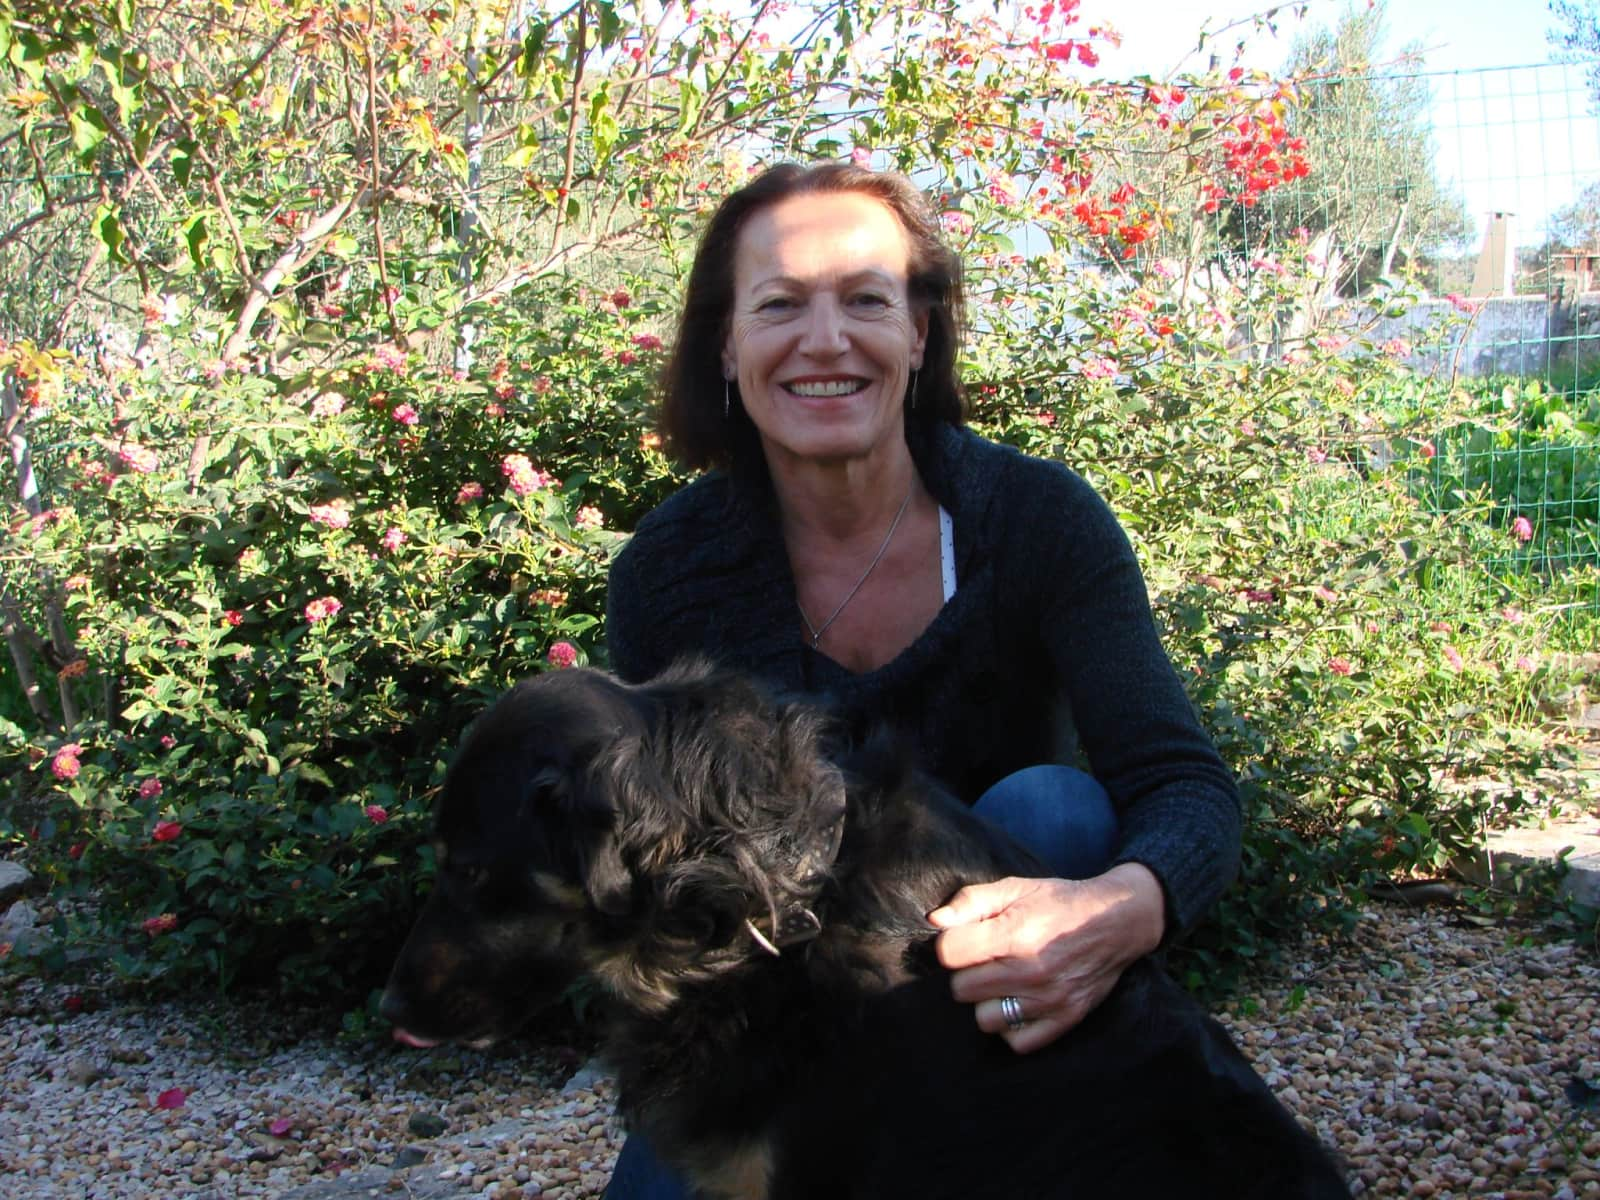 Renee from Lochem, Netherlands